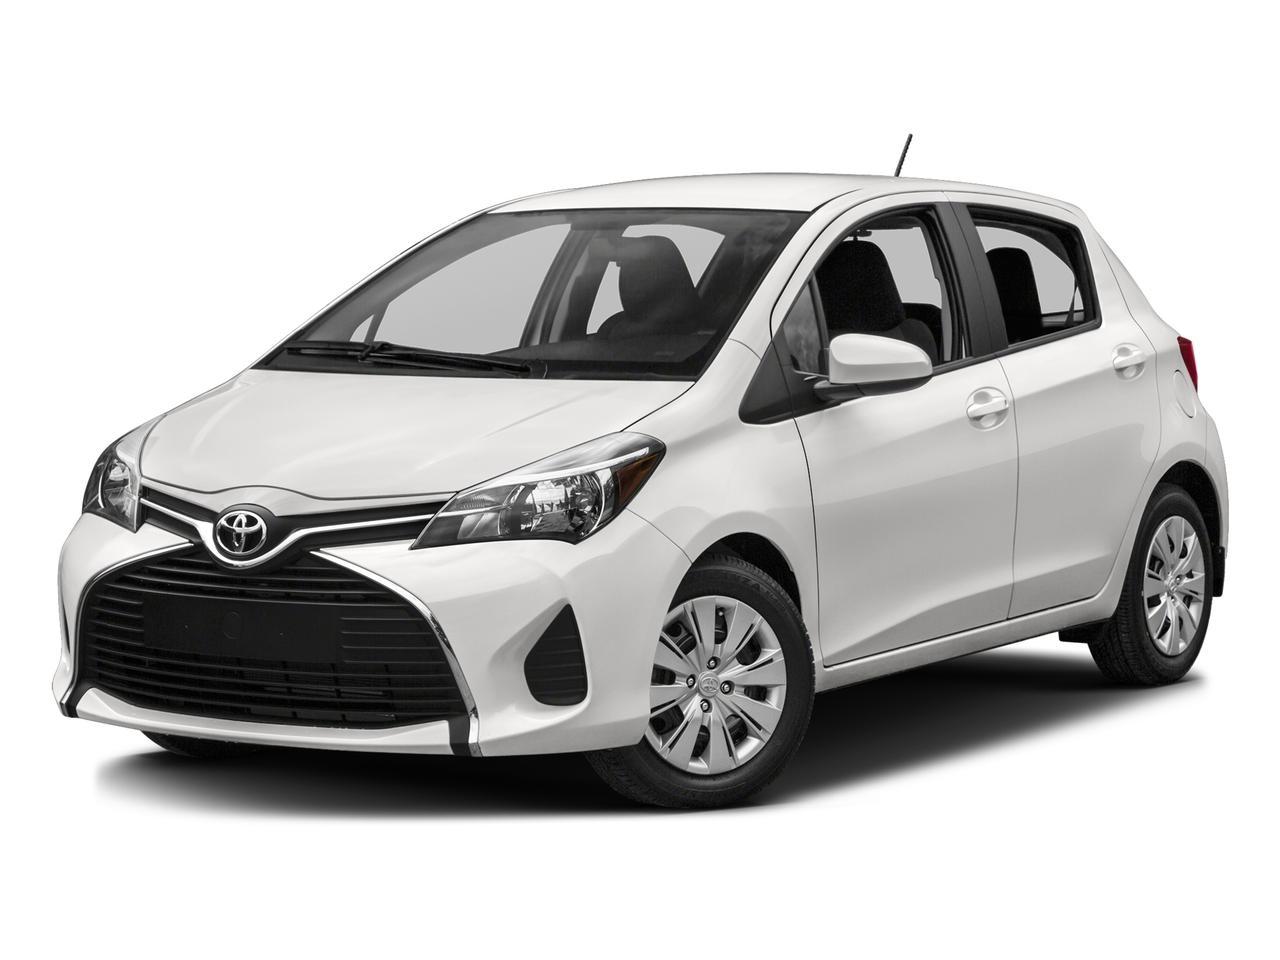 2016 Toyota Yaris Vehicle Photo in Bethlehem, PA 18017